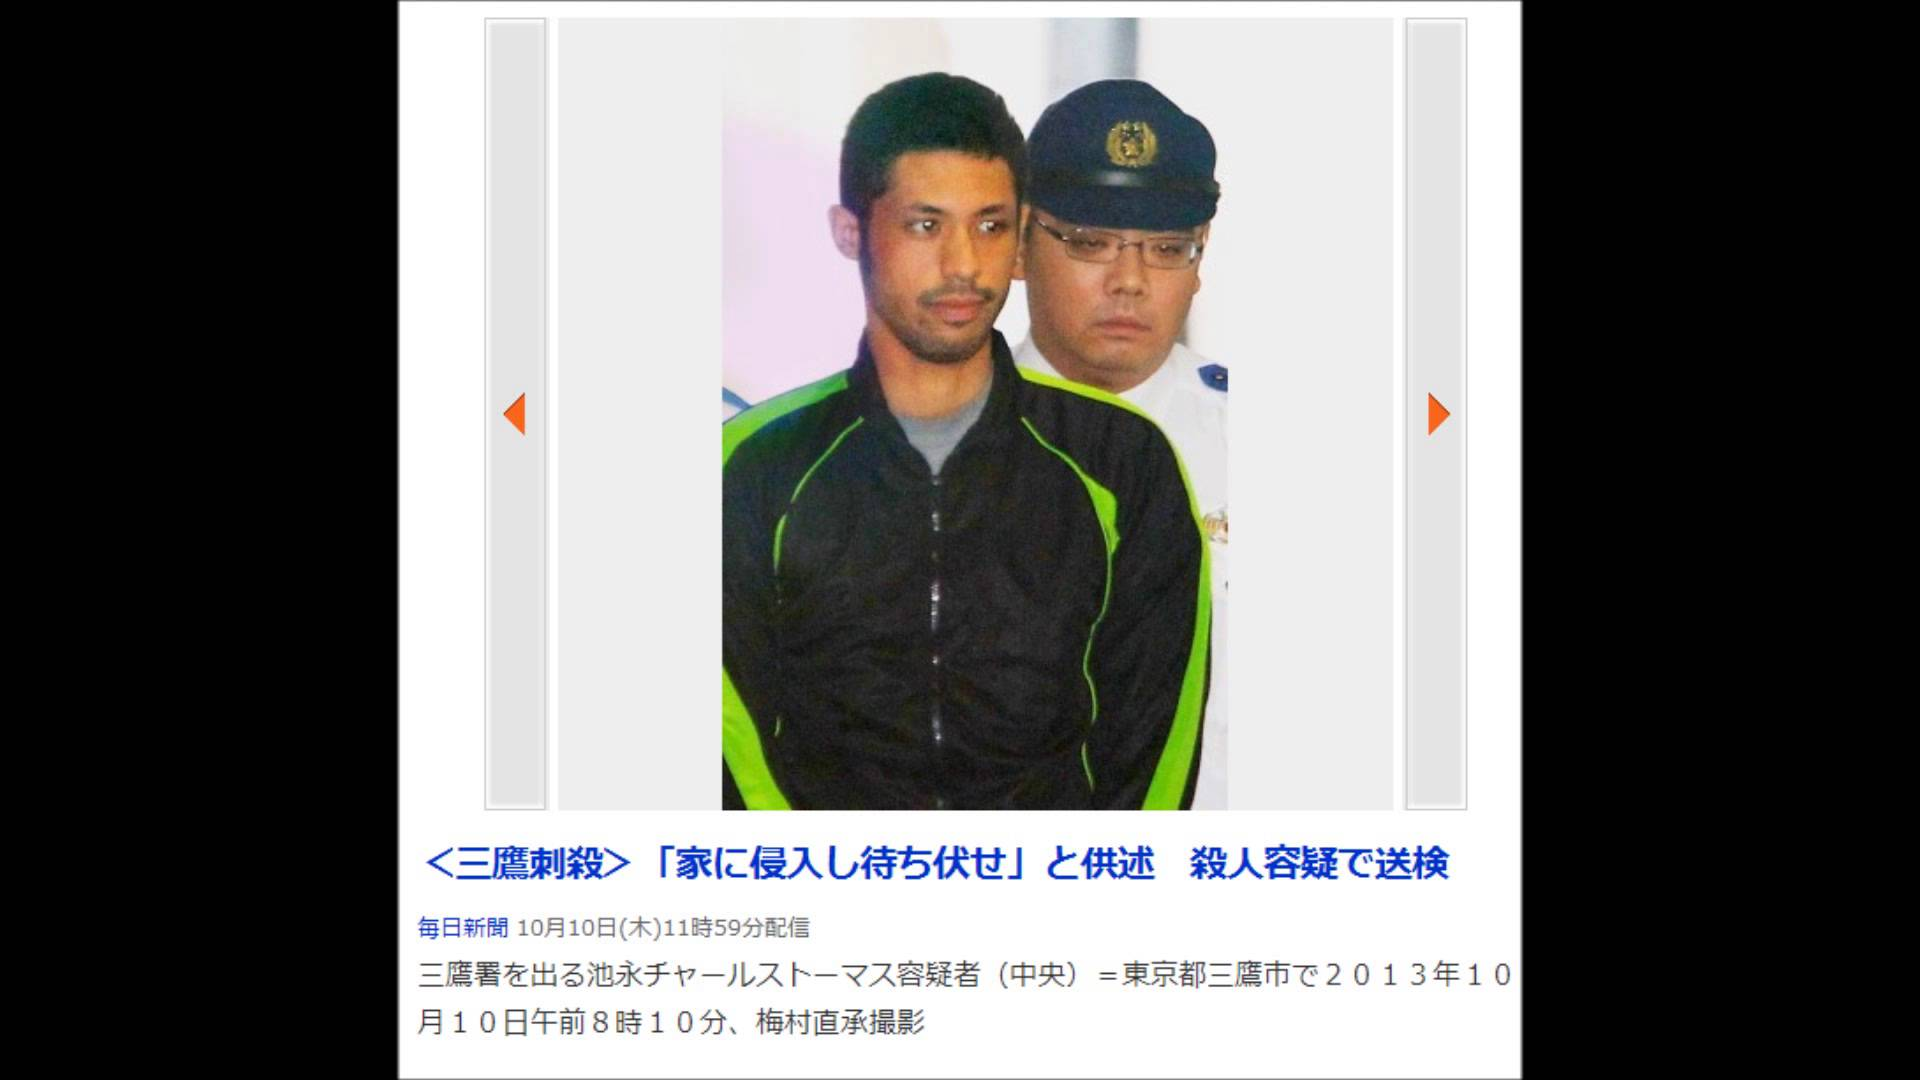 ⑪⑦チリ国の殺人鬼って倉本聰の親戚の鈴木沙彩さんを刺し殺した池永チャールストーマスに感じが似てますかね